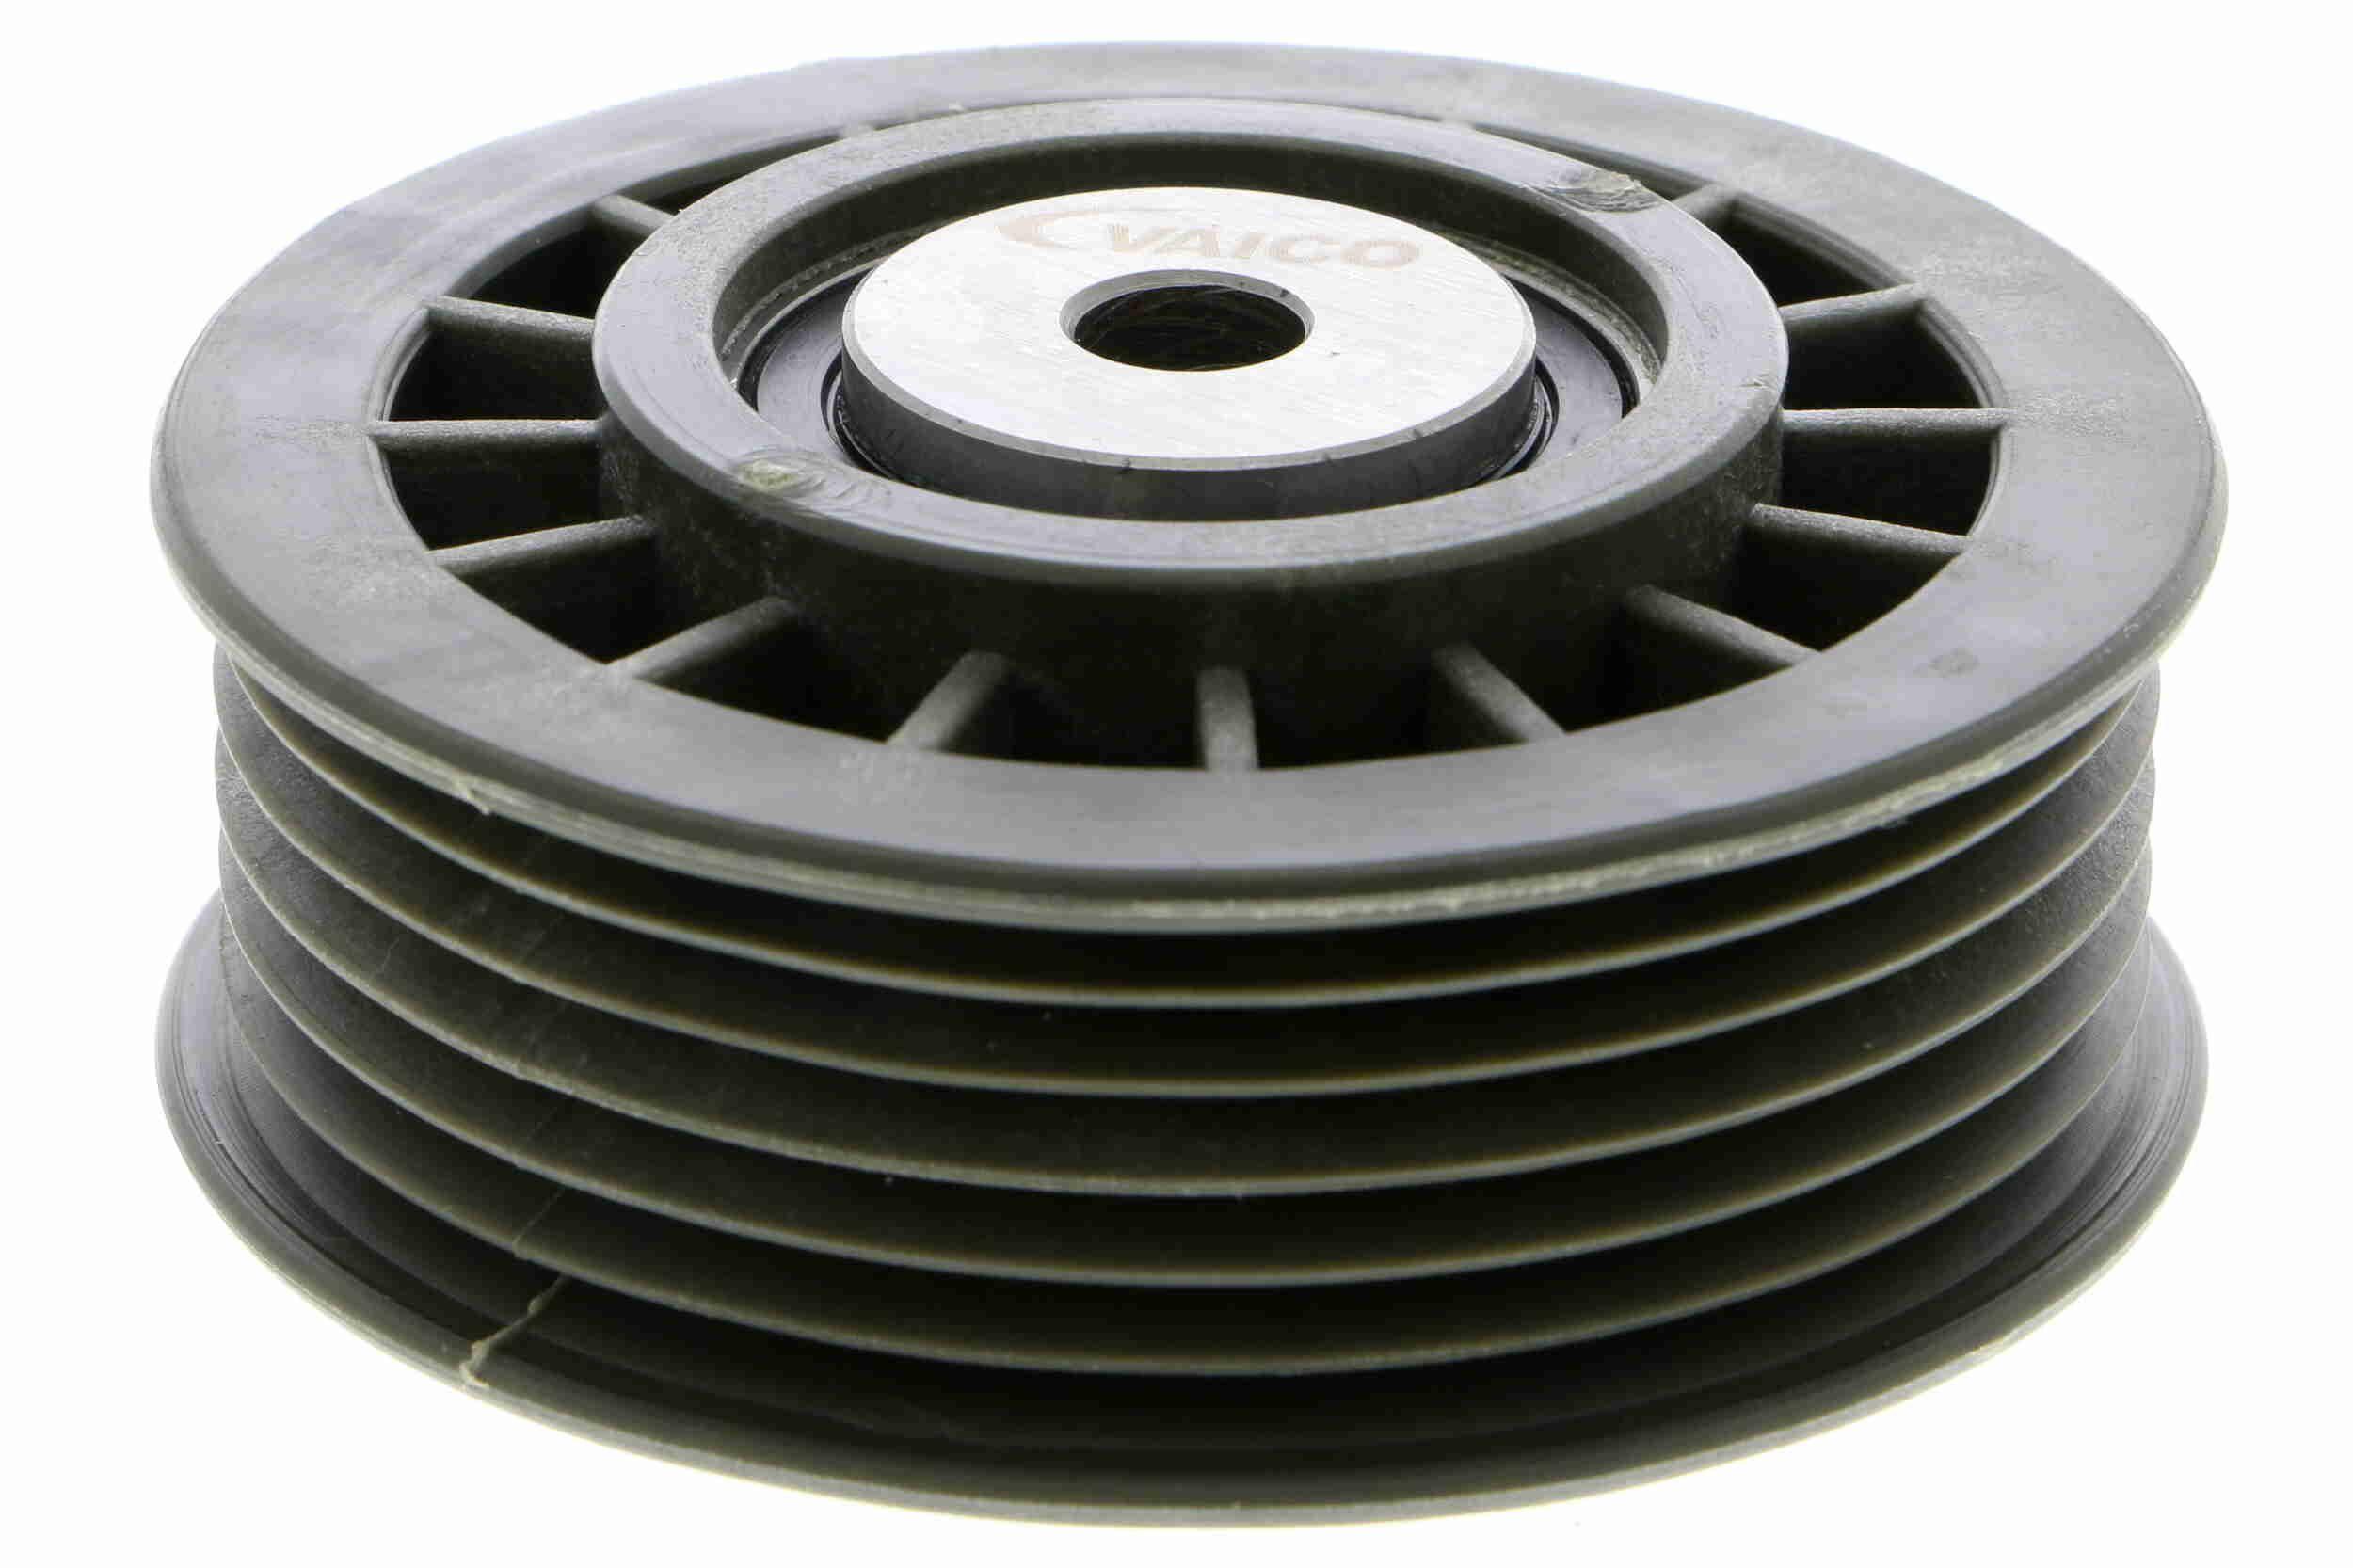 Achat de Poulie renvoi / transmission, courroie trapézoïdale à nervures VAICO V30-0131-1 camionnette